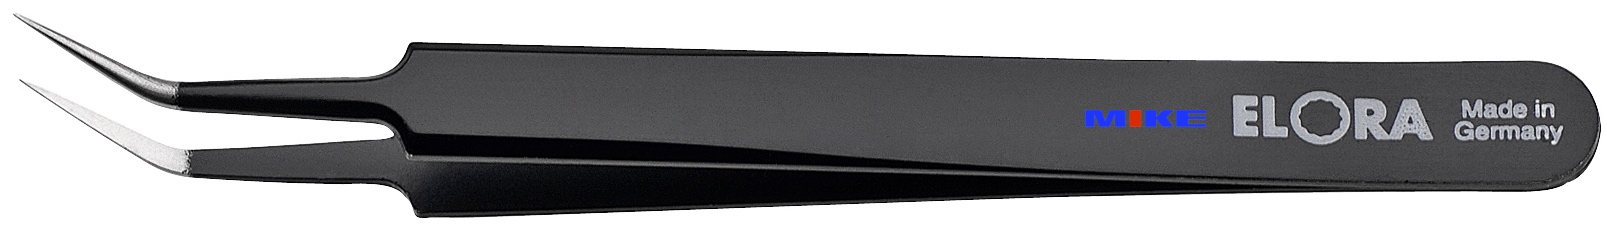 5330-STE nhíp mỏ nhọn đầu cong, chống tĩnh điện